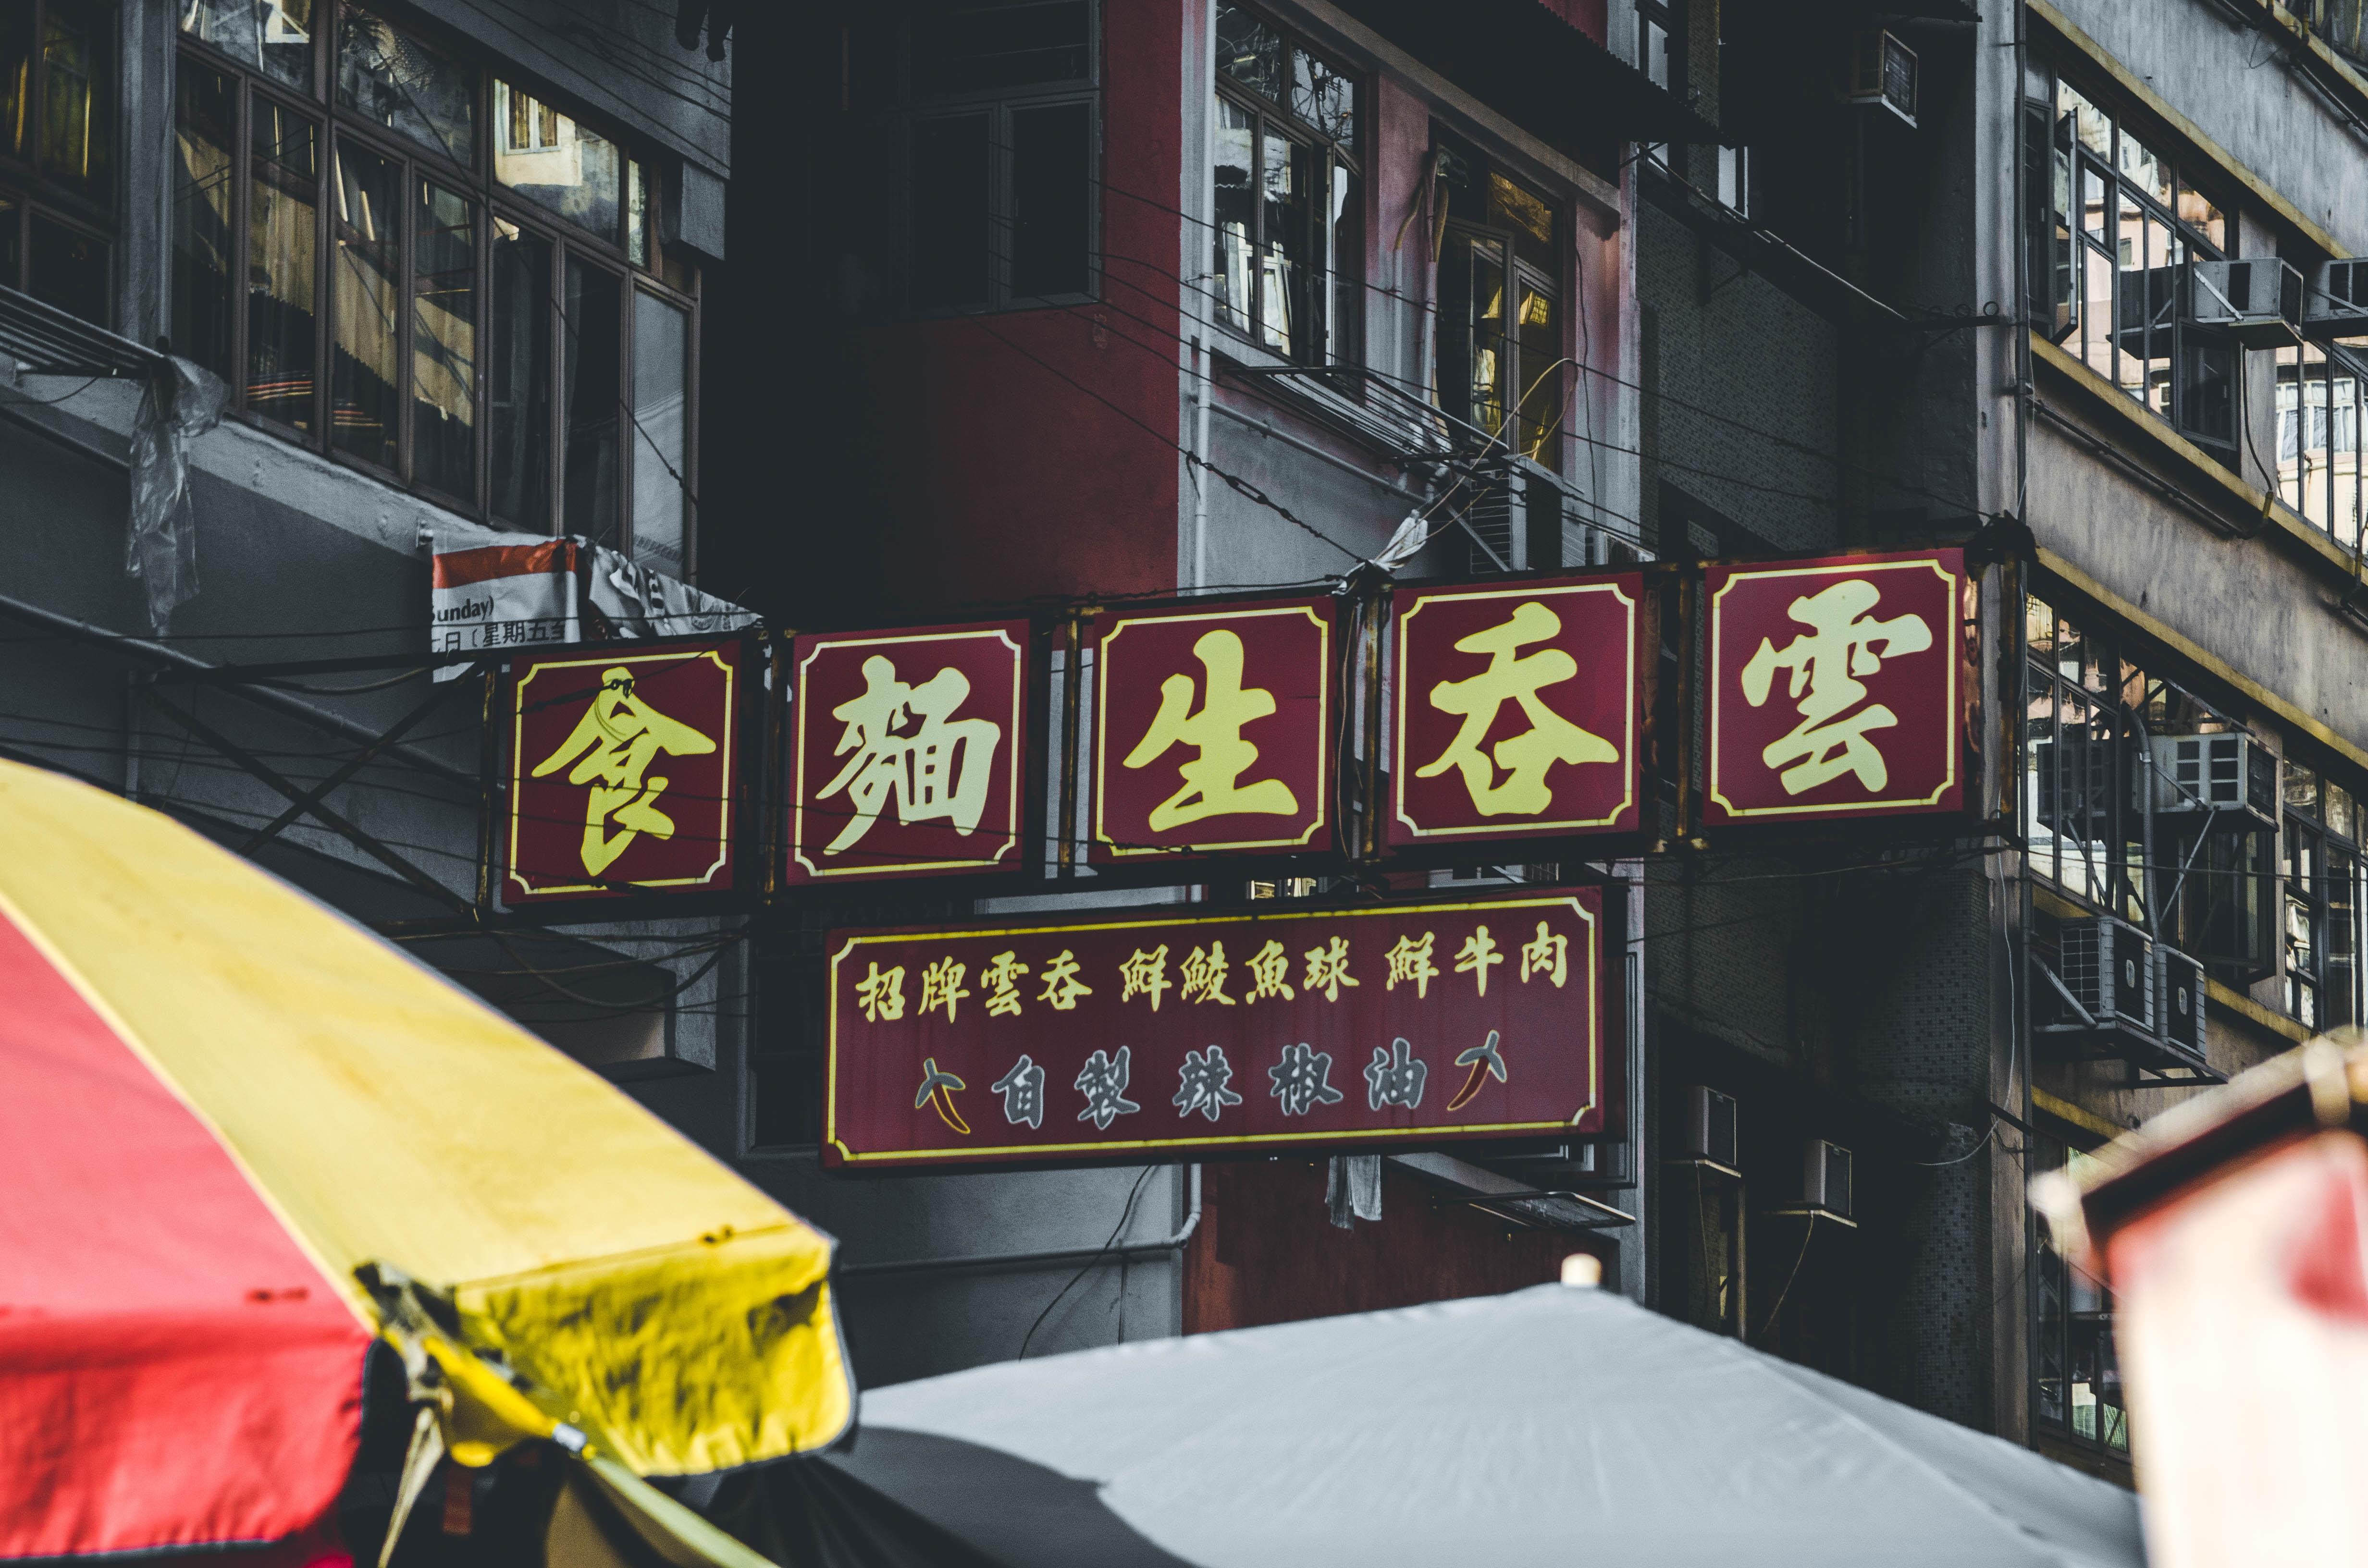 kanji script signage on building